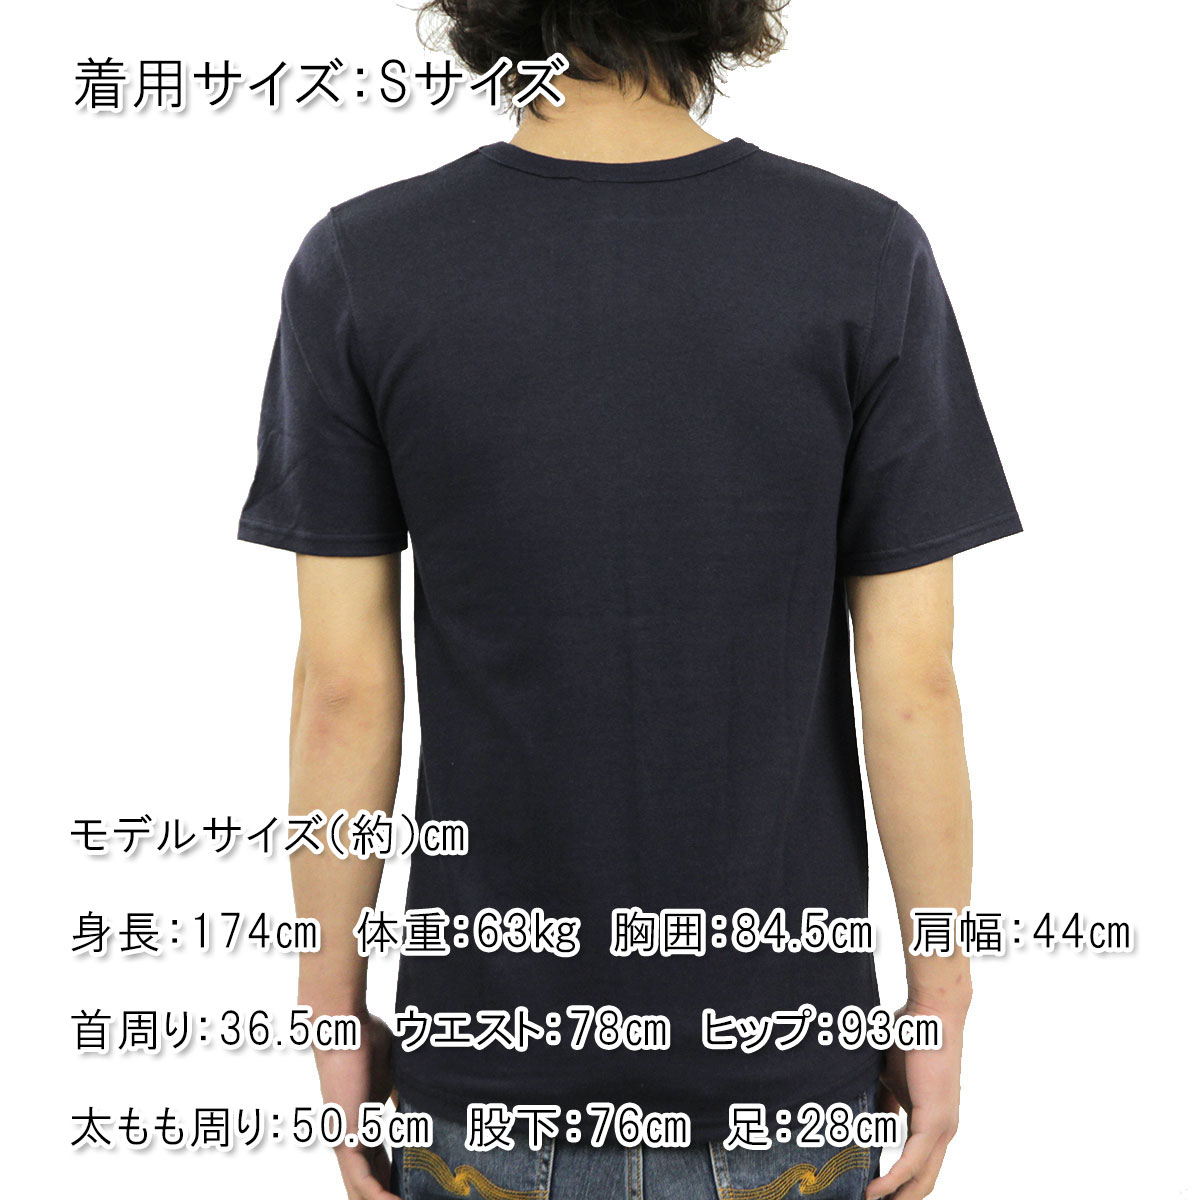 チャンピオン CHAMPION 正規品 メンズ 半袖Tシャツ CREW TEE T1919 Heritage Tee 031-NAVY